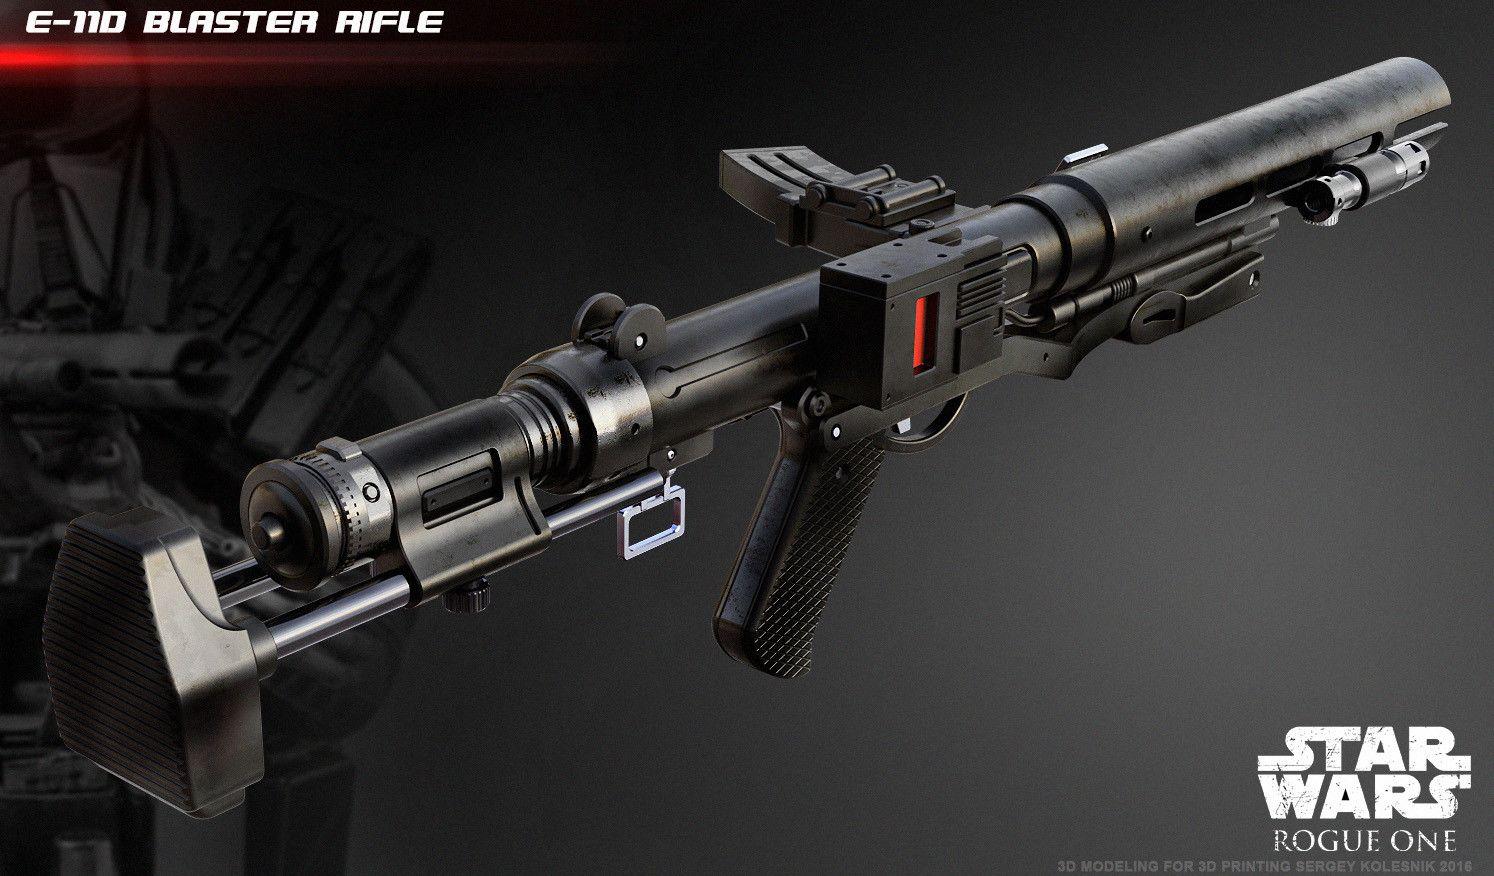 ee 3 blaster rifle for 3d printing. Black Bedroom Furniture Sets. Home Design Ideas